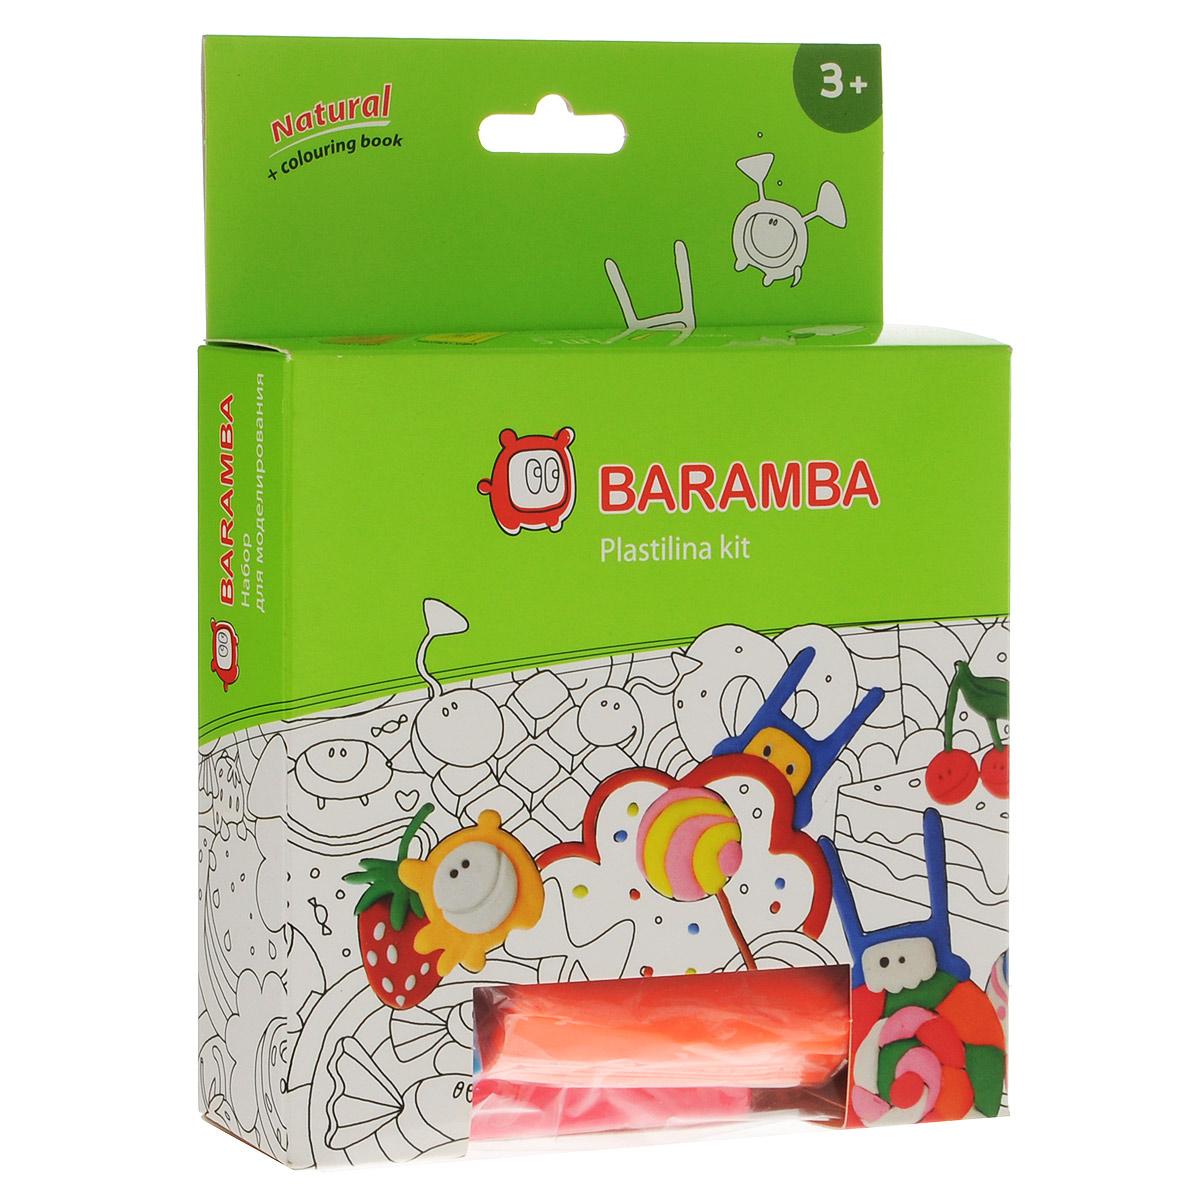 Набор для рисования пластилином Baramba Plastina kit, 10 предметовB30014Набор для рисования пластилином Baramba Plastina kit познакомит вашего ребенка с техникой пластилинографии и поможет создать яркие оригинальные картины. В набор входит все необходимое: 5 брусочков мягкого пластилина желтого, розового, зеленого, синего и оранжевого цветов, стеки 3 штуки - для нанесения фактуры, скалка и один лист с контурным рисунком ракеты. Пластилин безопасен, не липнет к рукам и не пачкает одежду. При необходимости легко смешивается между собой. Во время игры ребенок учится технике рисования пластилином, которая способствует развитию мелкой моторики и творческого мышления. Не рекомендуется детям до 3-х лет.